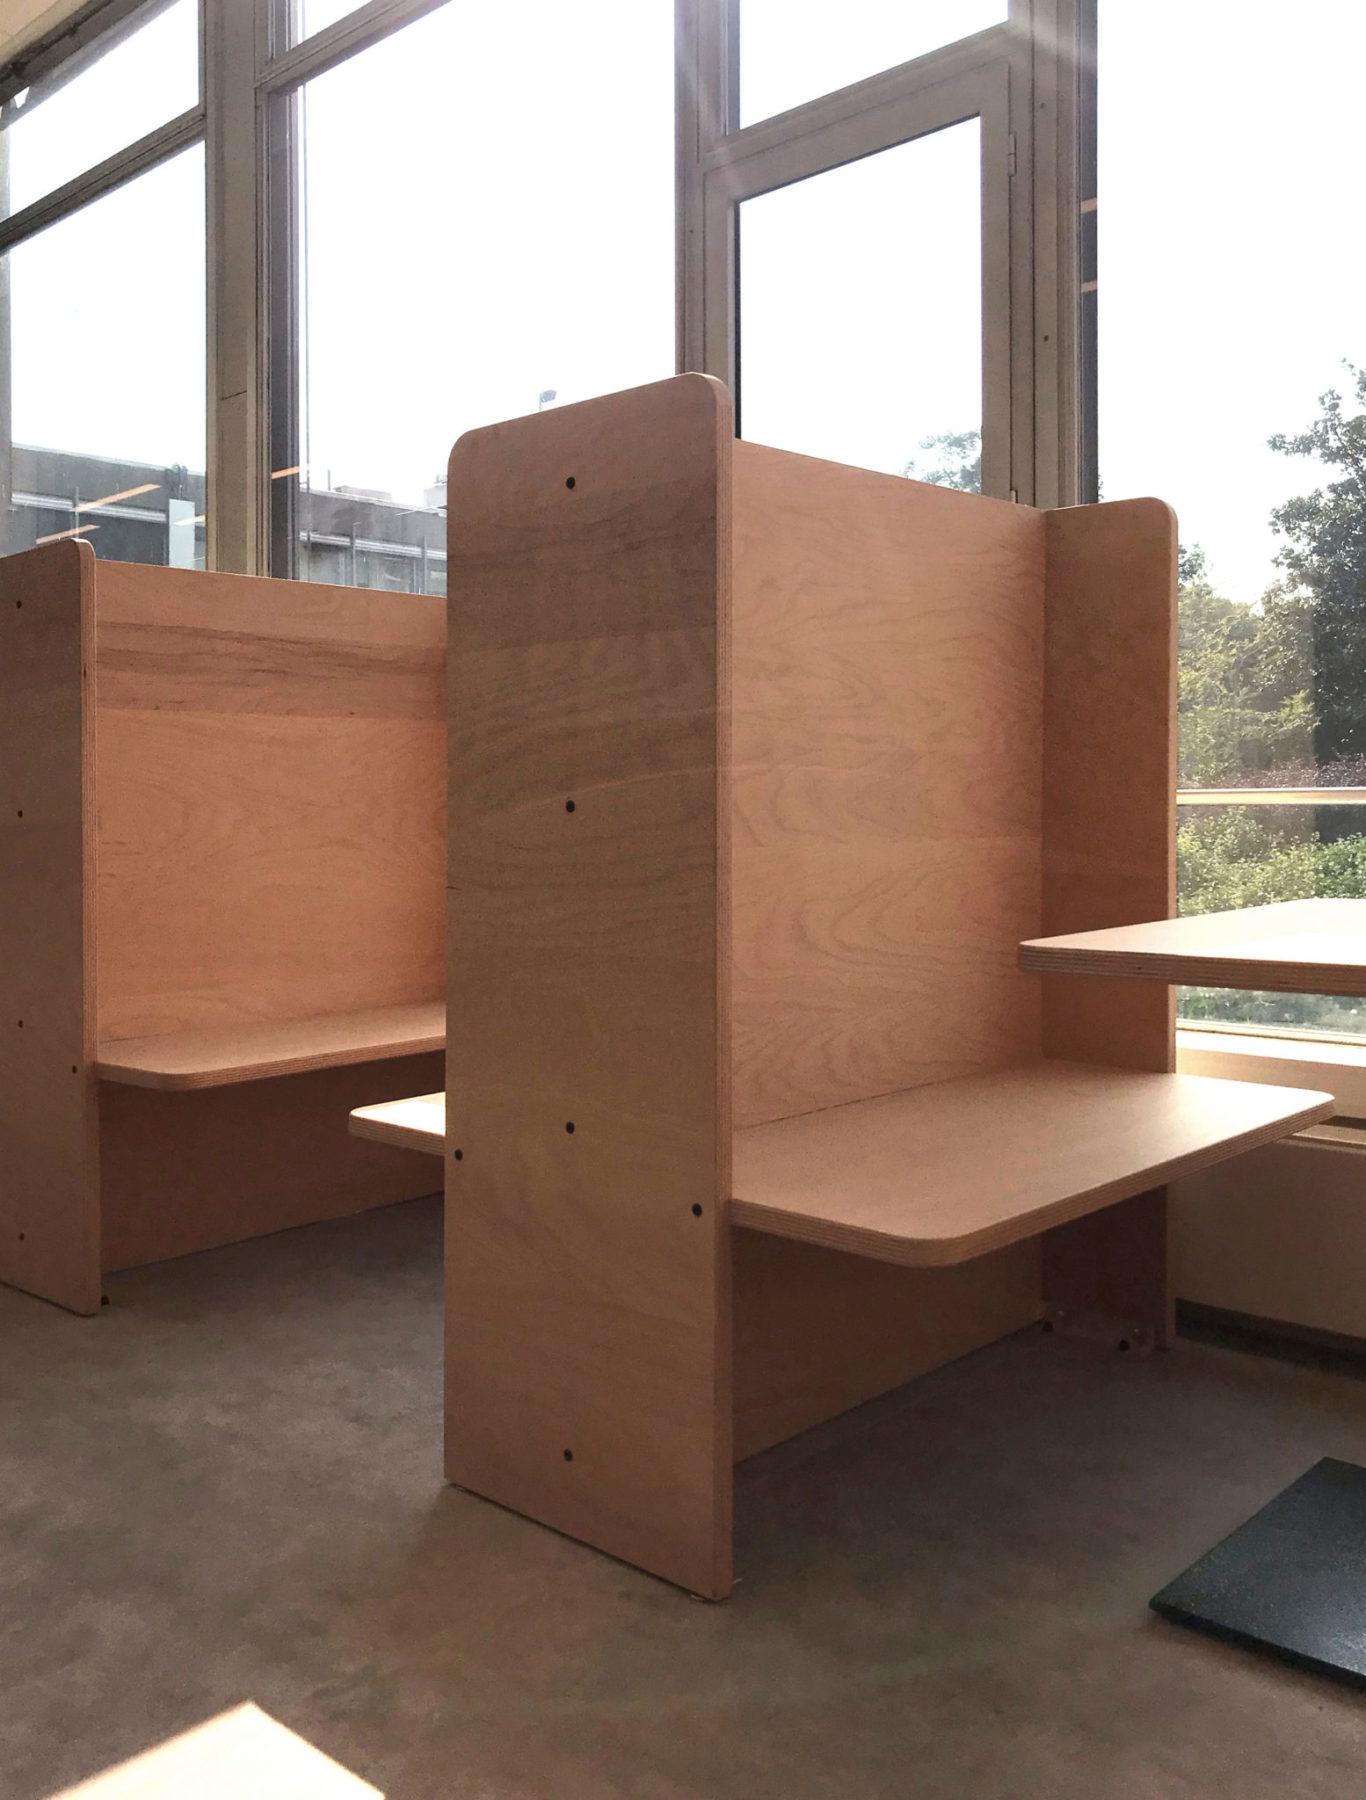 Box / compartiment de travail en bois Okoumé et table carrée design par Louis Denavaut et inspiré par Donald Judd